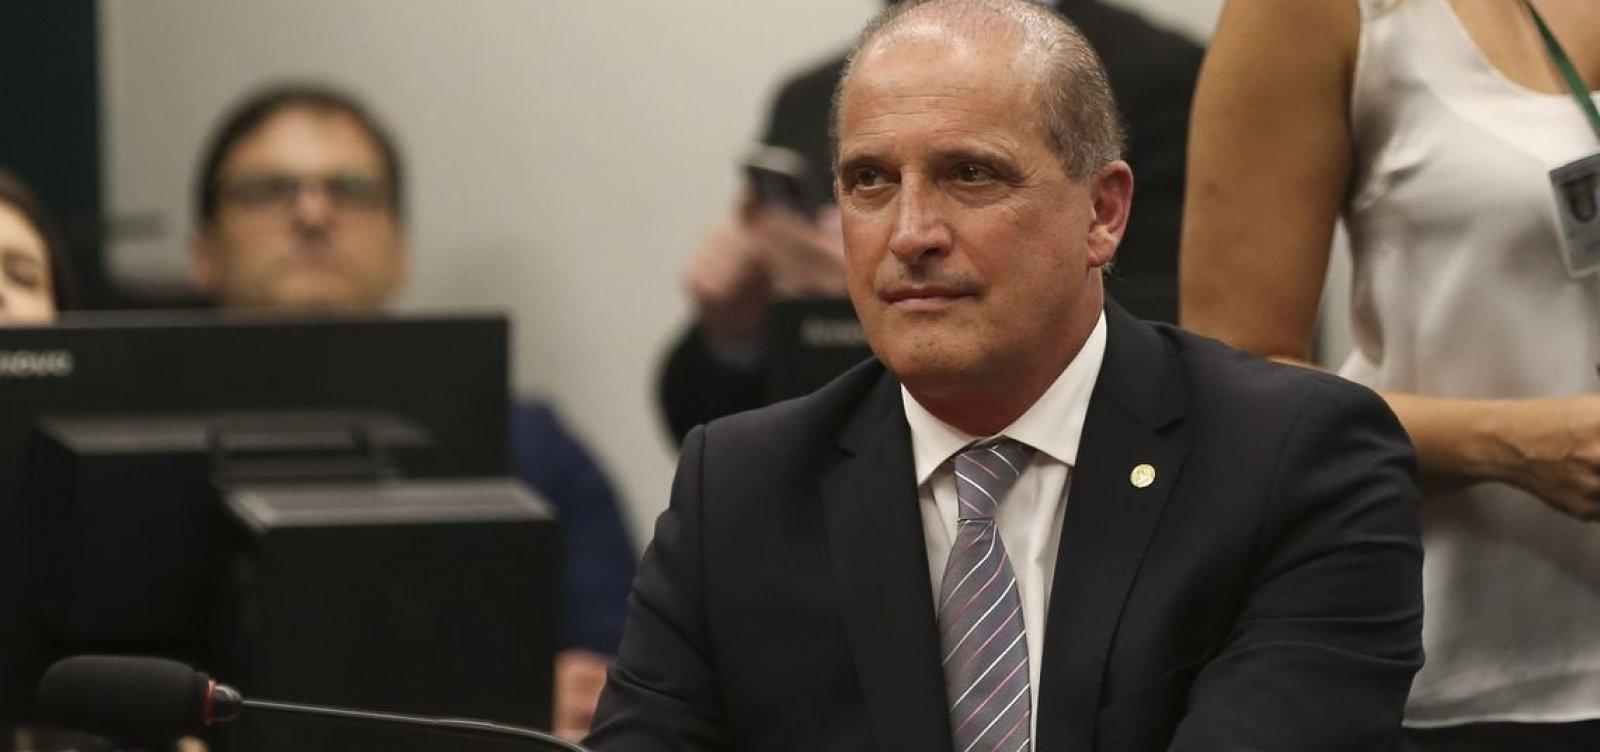 Governo dará R$ 40 mi em emendas a cada deputado que votar pela reforma, diz jornal